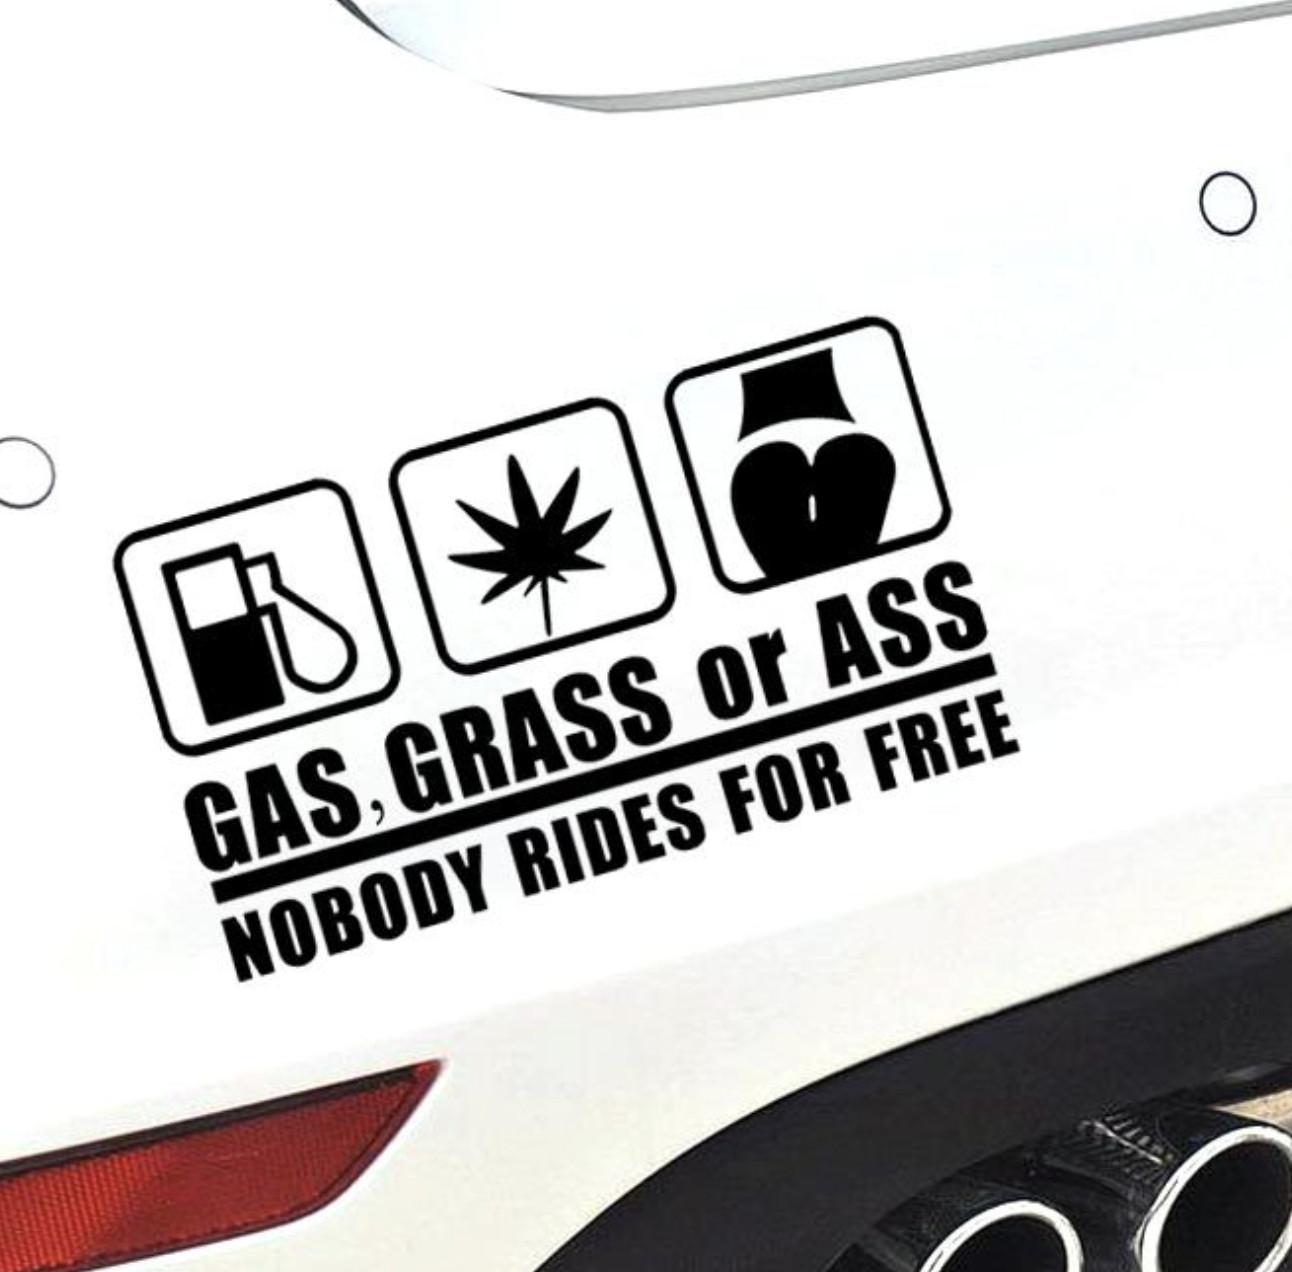 DON'T TOUCH MY CAR ĐÁ NHAU- Sticker transfer hình dán trang trí Xe hơi Ô tô size 12x14cm